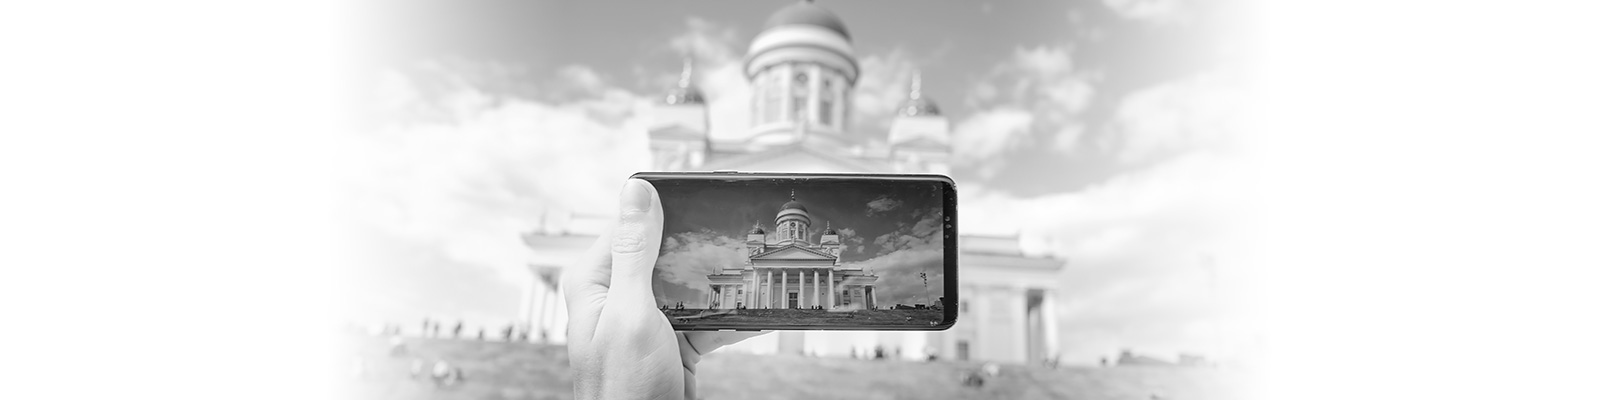 ヘルシンキ 大聖堂 スマートフォン イメージ